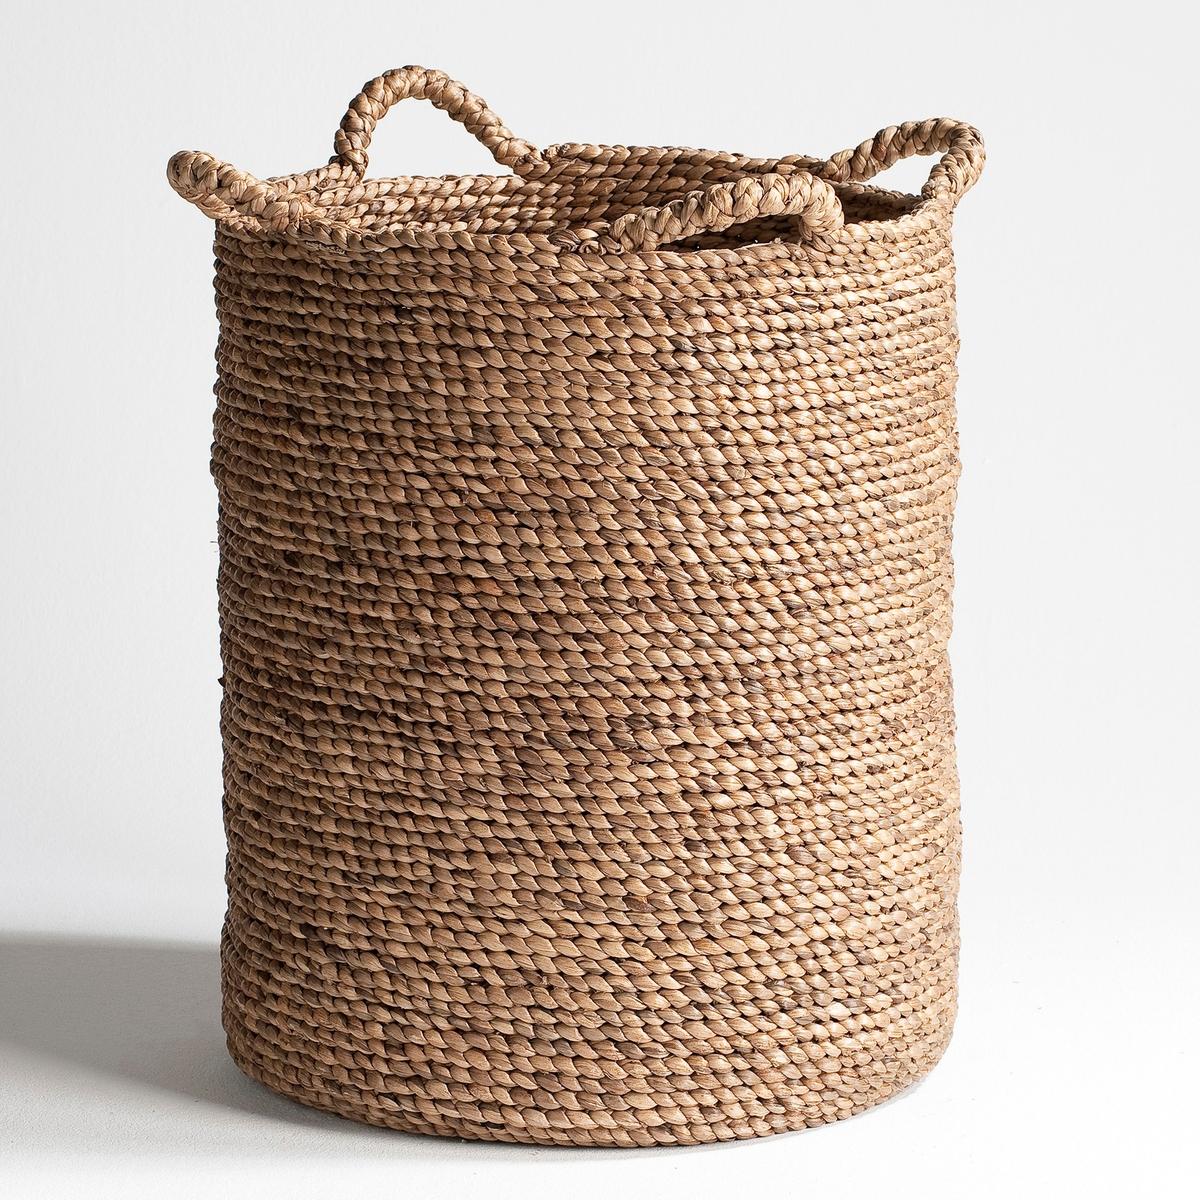 Круглая плетеная корзина В55 см, RagaХарактеристики: : - Из мягких плетеных волокон эйхорнии.- 4 ручки.  - Ручная работа.  Размеры : - ?35 x В.55 см<br><br>Цвет: серо-бежевый<br>Размер: 35 x 55 см